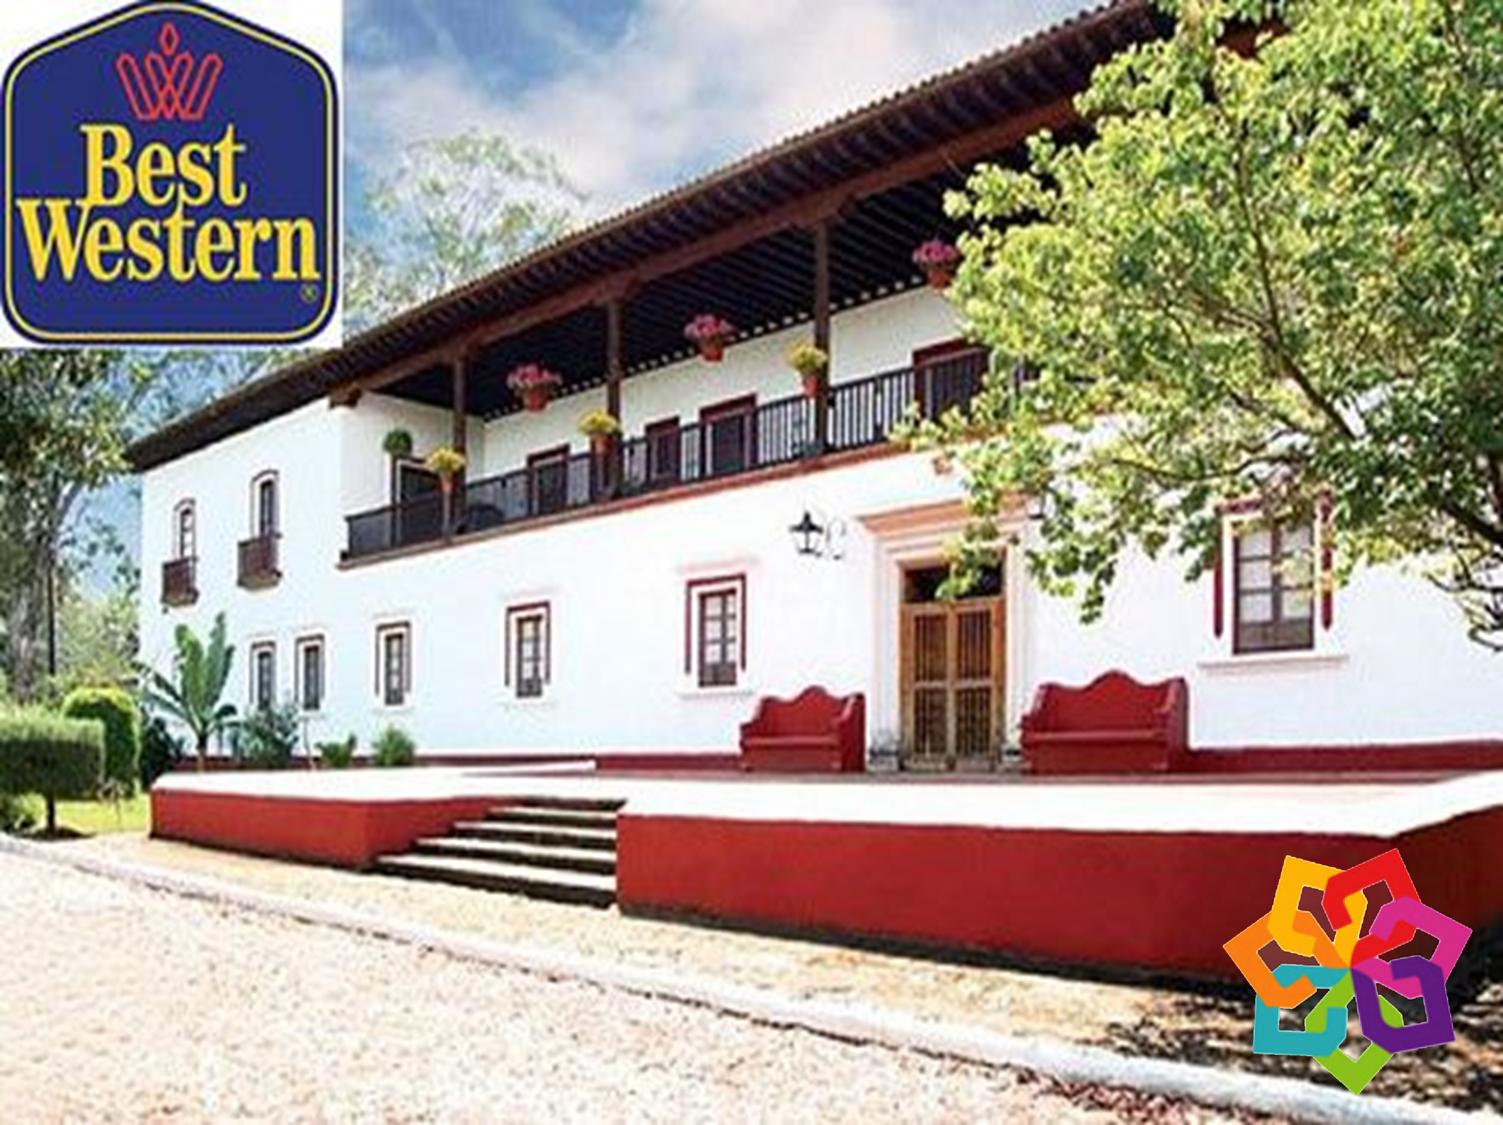 RECORRIENDO MICHOACÁN  le invita a visita el Museo del Cobre, en Santa Clara del Cobre; ubicado a solo 20 kilómetros de Pátzcuaro, donde encontrará piezas que han ganado los primeros lugares en la Feria Nacional del Cobre, además de contar con piezas prehispánicas, así como objetos elaborados por los artesanos de la región. Hotel BEST WESTERN Don Vasco. http://www.bwposadadonvasco.com.mx/